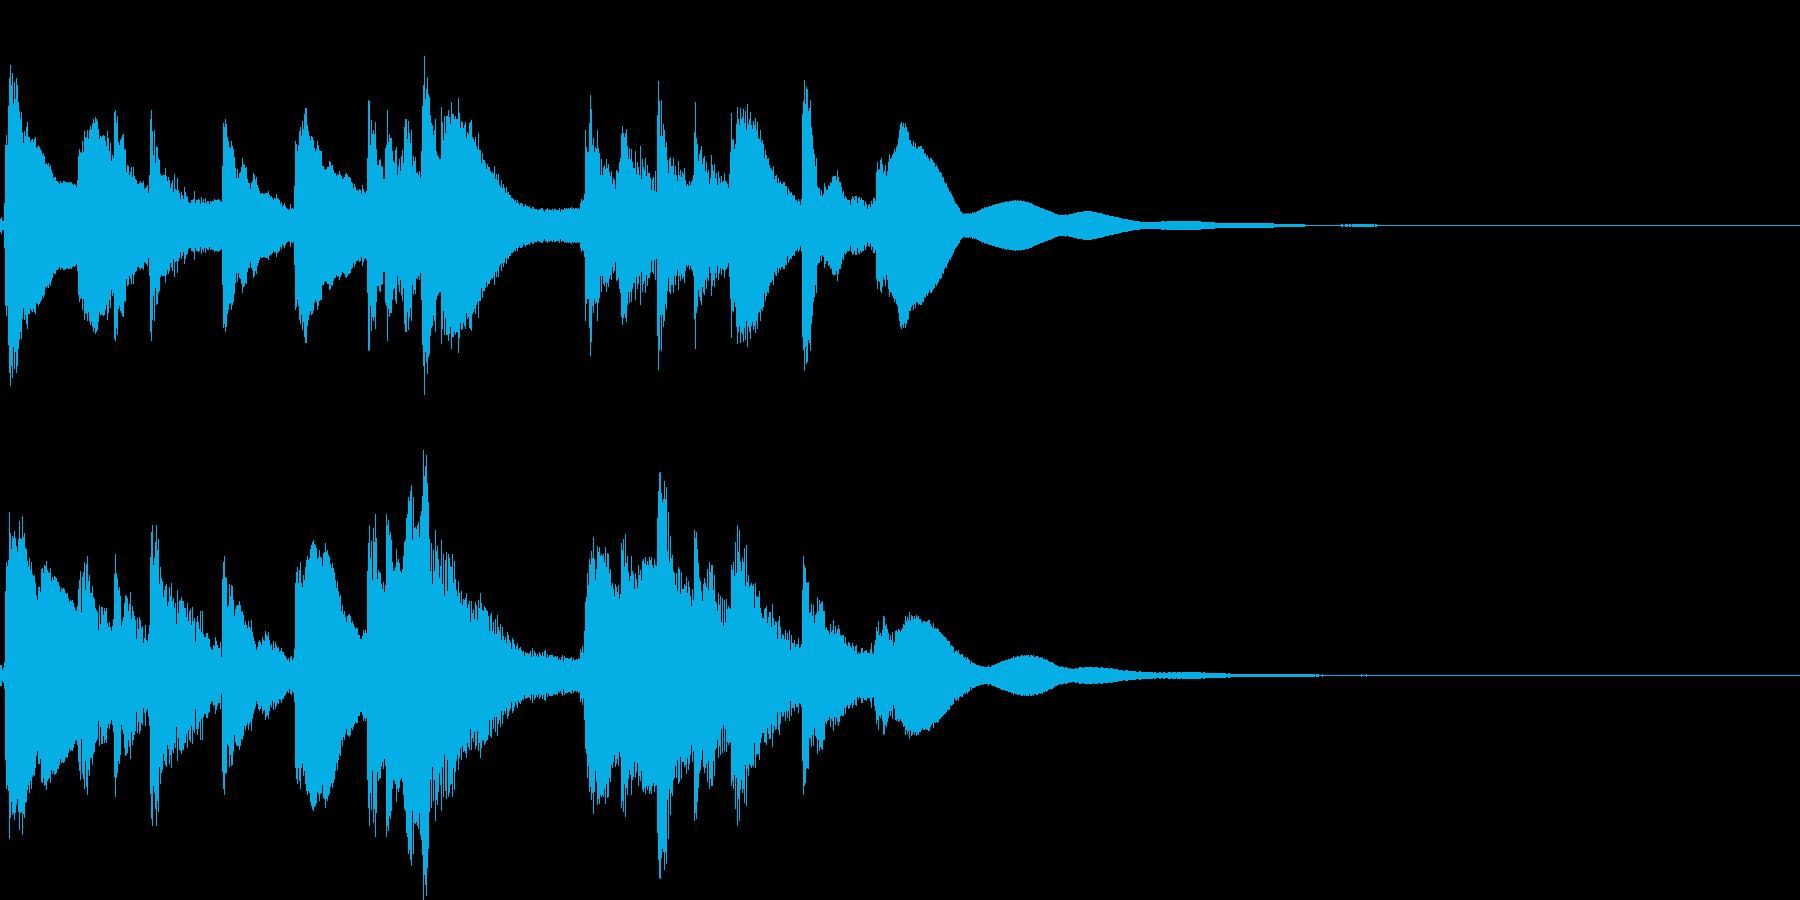 琴☆アイキャッチ3 リバーブ有の再生済みの波形